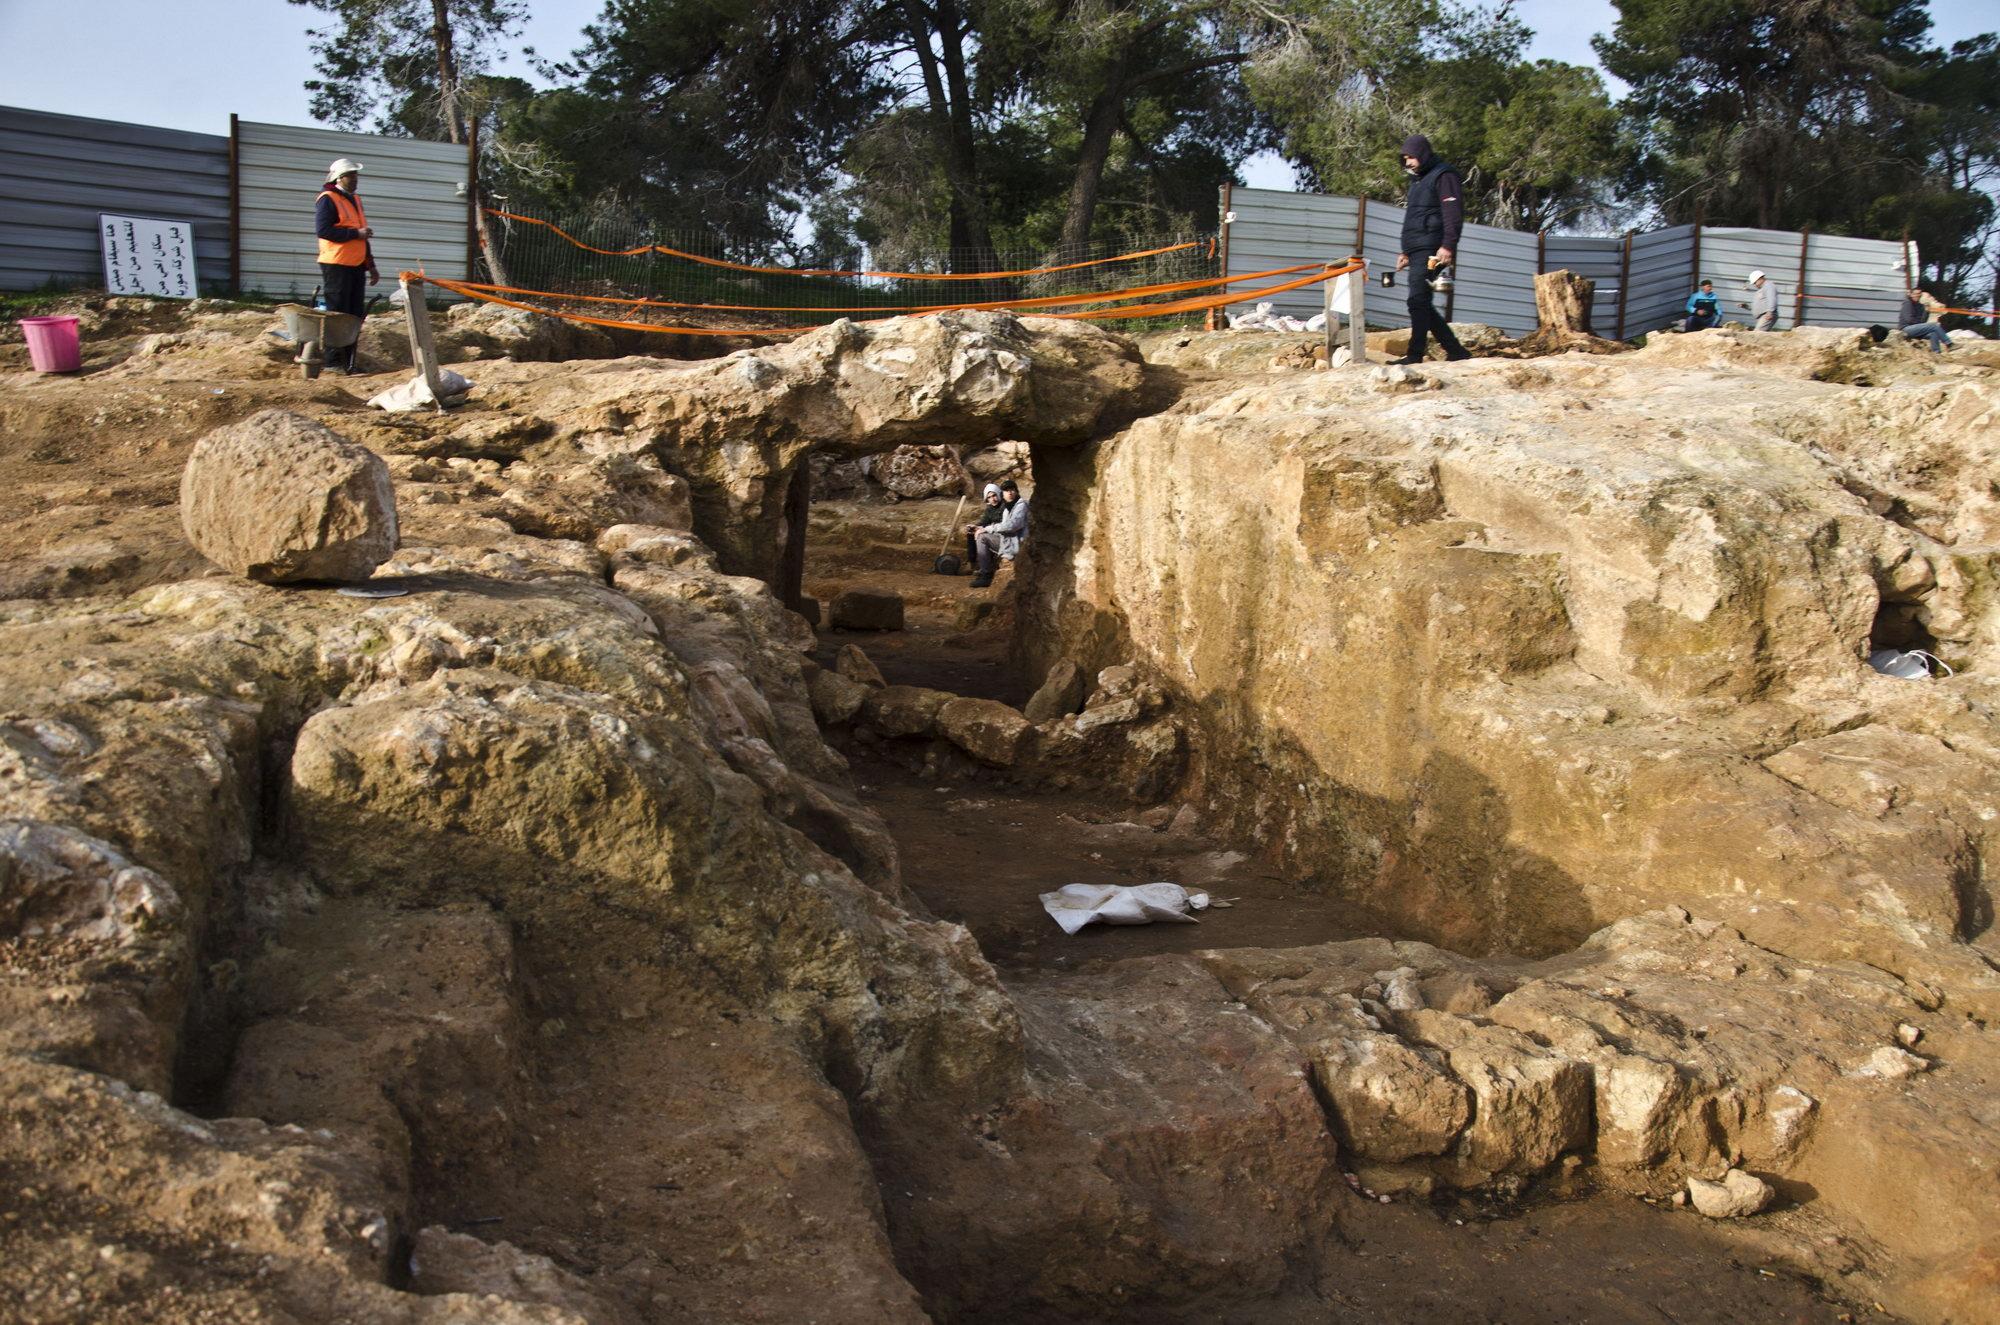 אחוזת הקבר המפוארת מתקופת בית שני. צילום: יולי שוורץ